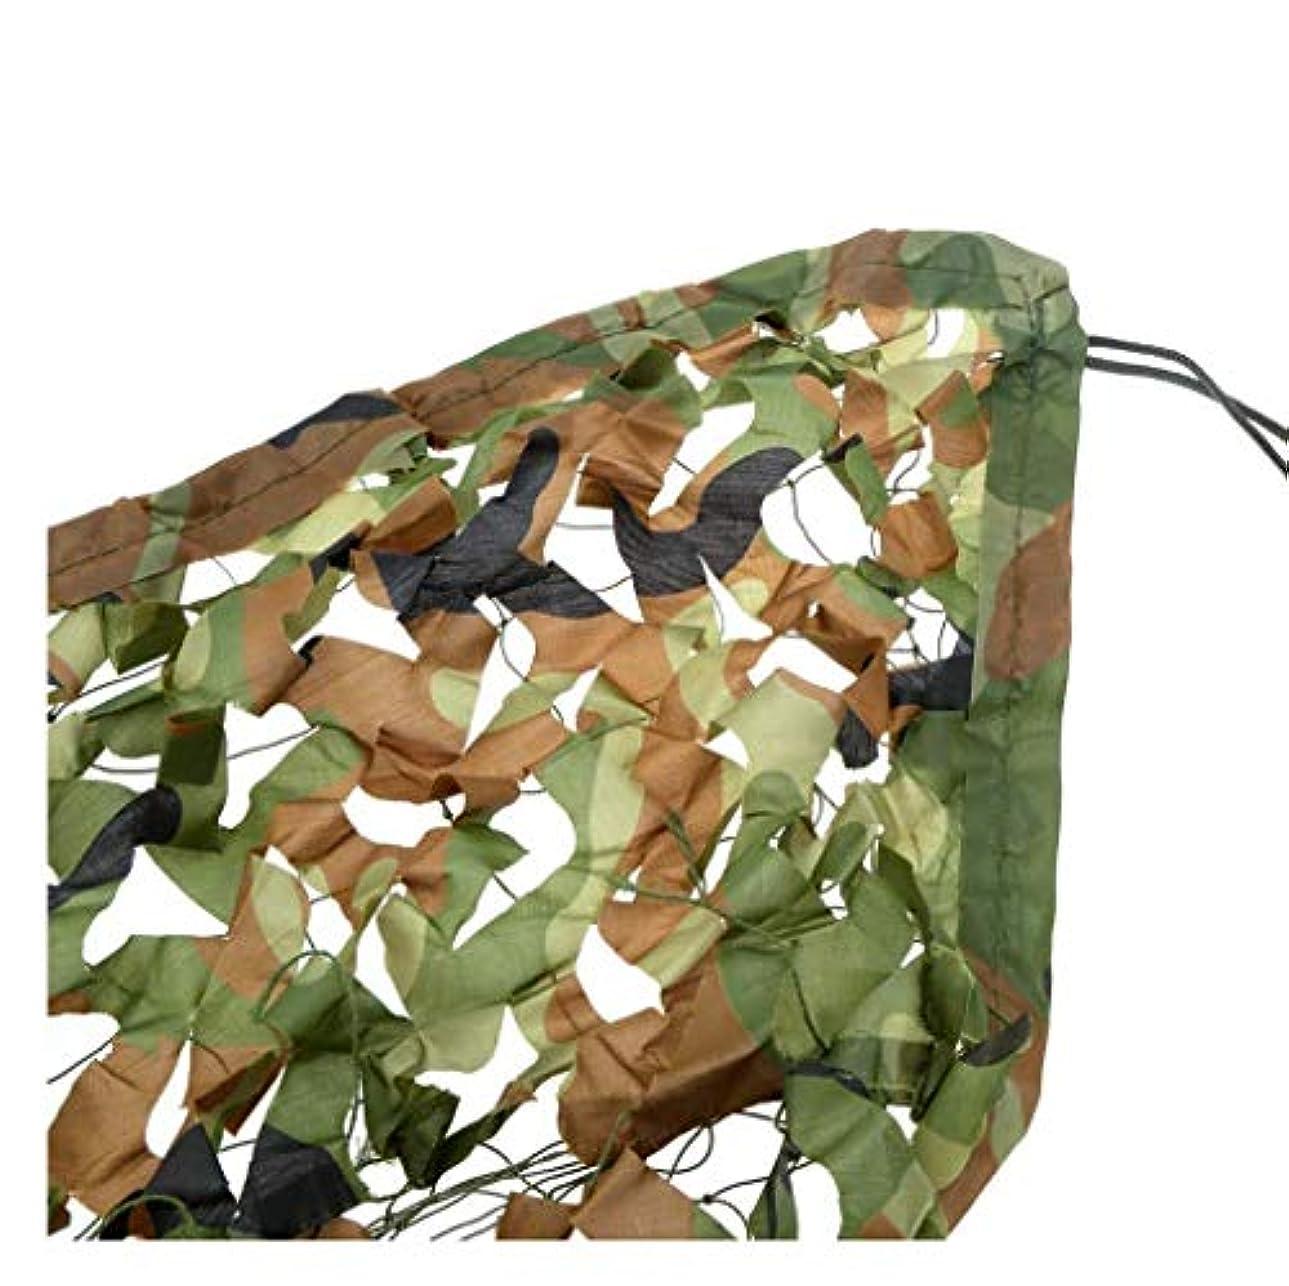 松明役に立つ底カモフラージュ狩猟シューティングネット/隠し軍事カモフラージュネットは屋外キャンプのインテリア装飾に使用することができます (色 : B, サイズ さいず : 3 * 4m)